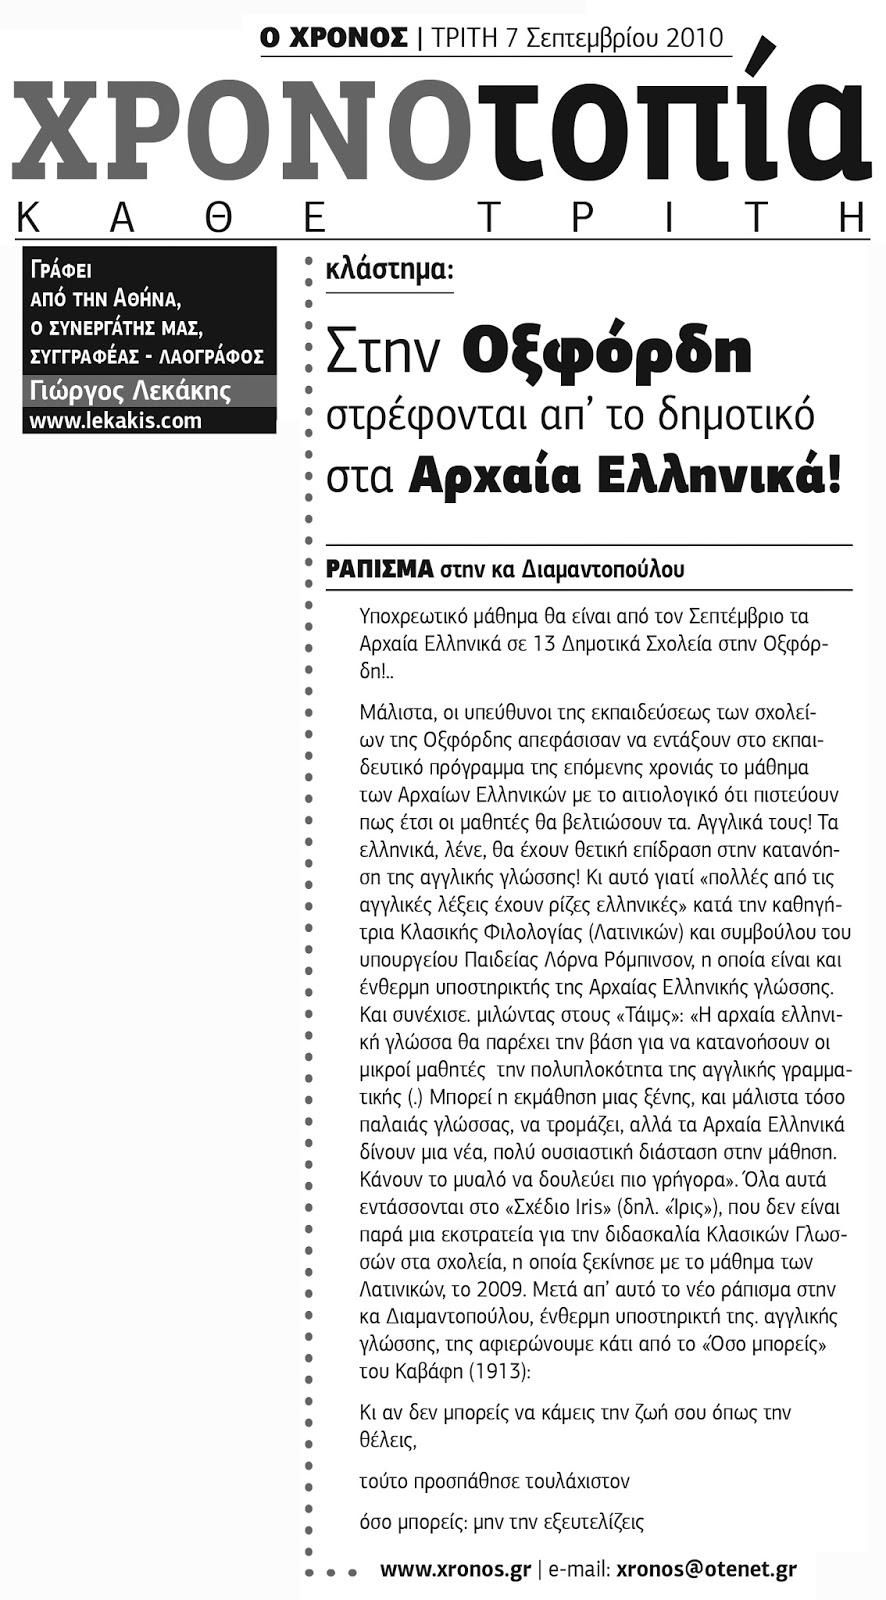 Αρχαία ελληνικά στην Οξφόρδη από το Δημοτικό